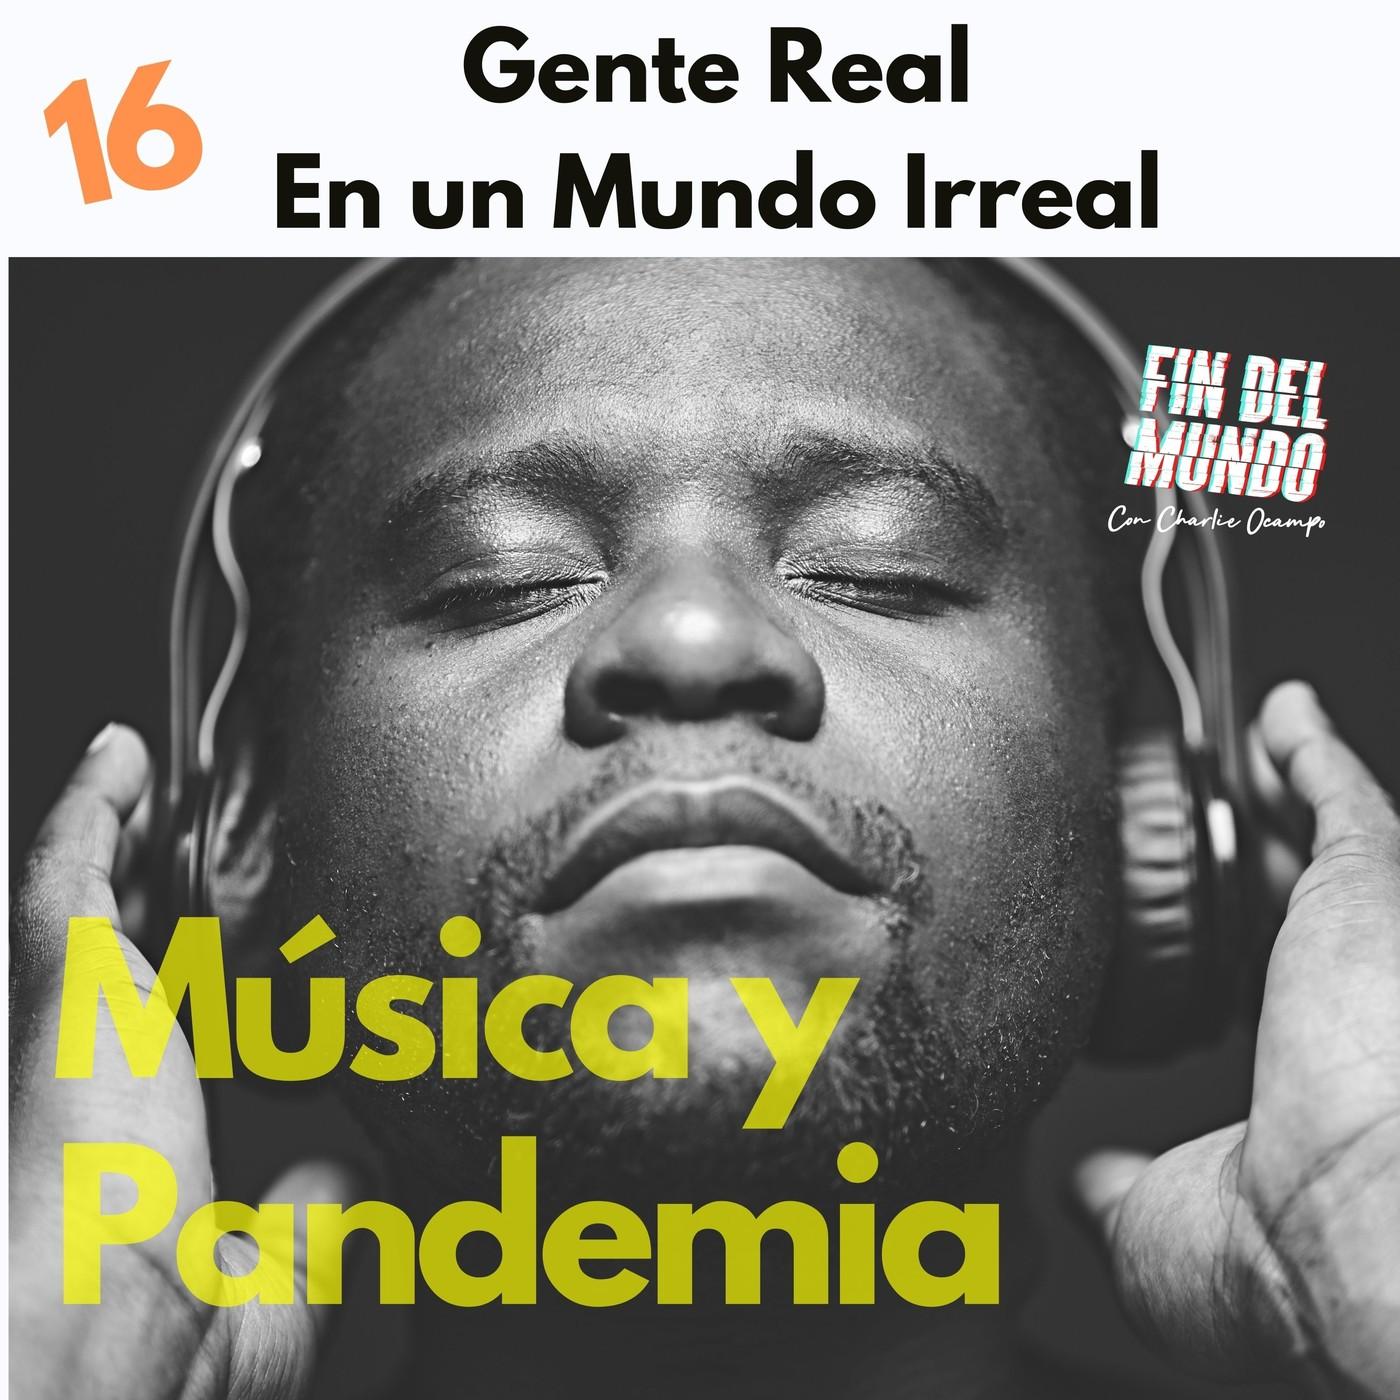 16. Música y Pandemia: Gente Real en un Mundo Irreal.